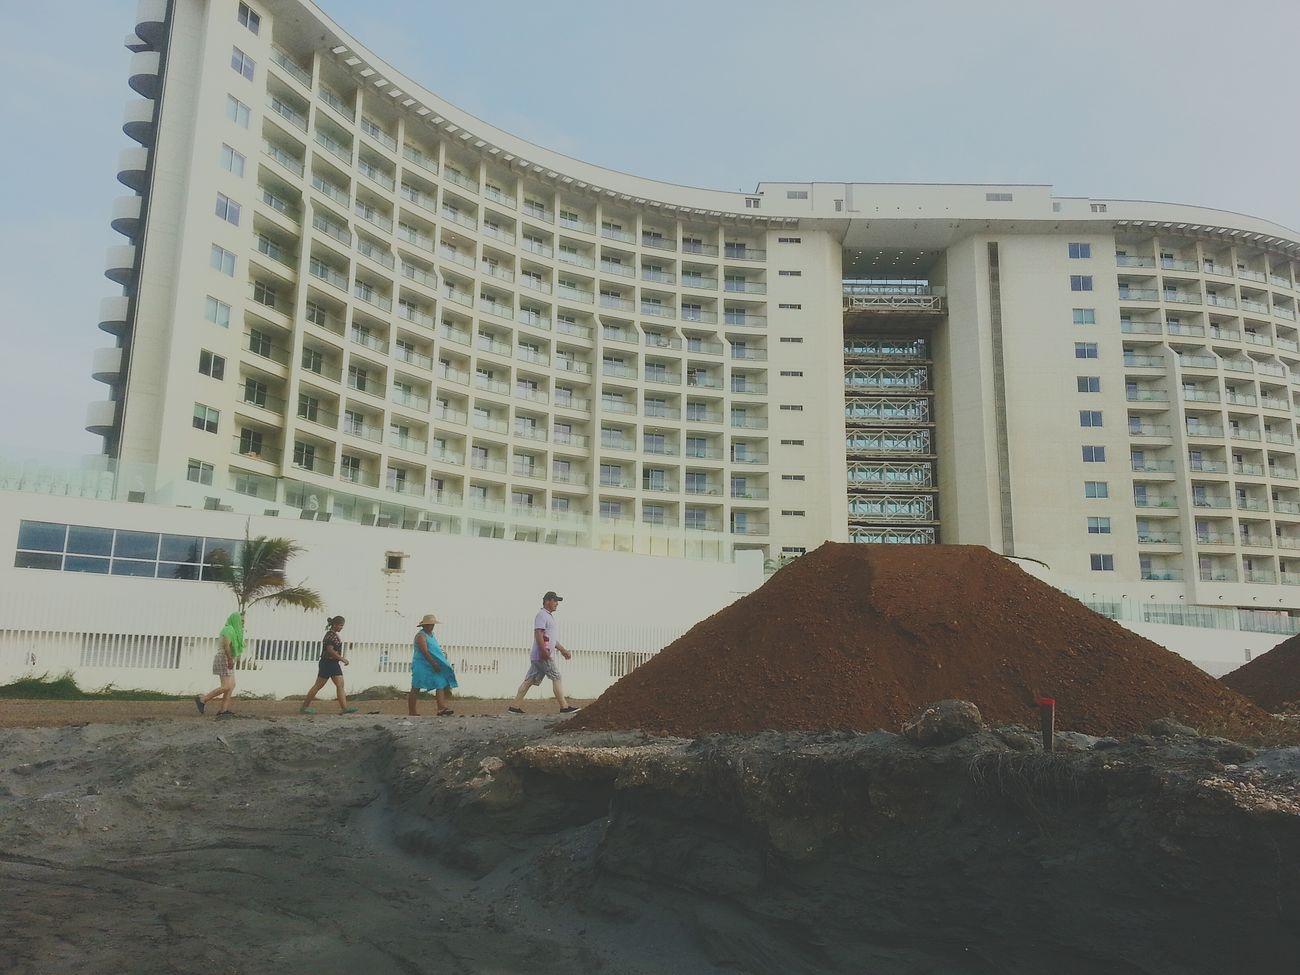 Checking Out Túnel En Construcción Cartagena, Colombia Check This Out Life Is A Beach Hotel Corales De Indias De Como Los Colombianos Se Vanquedando sin playa Hotel Corales De Indias